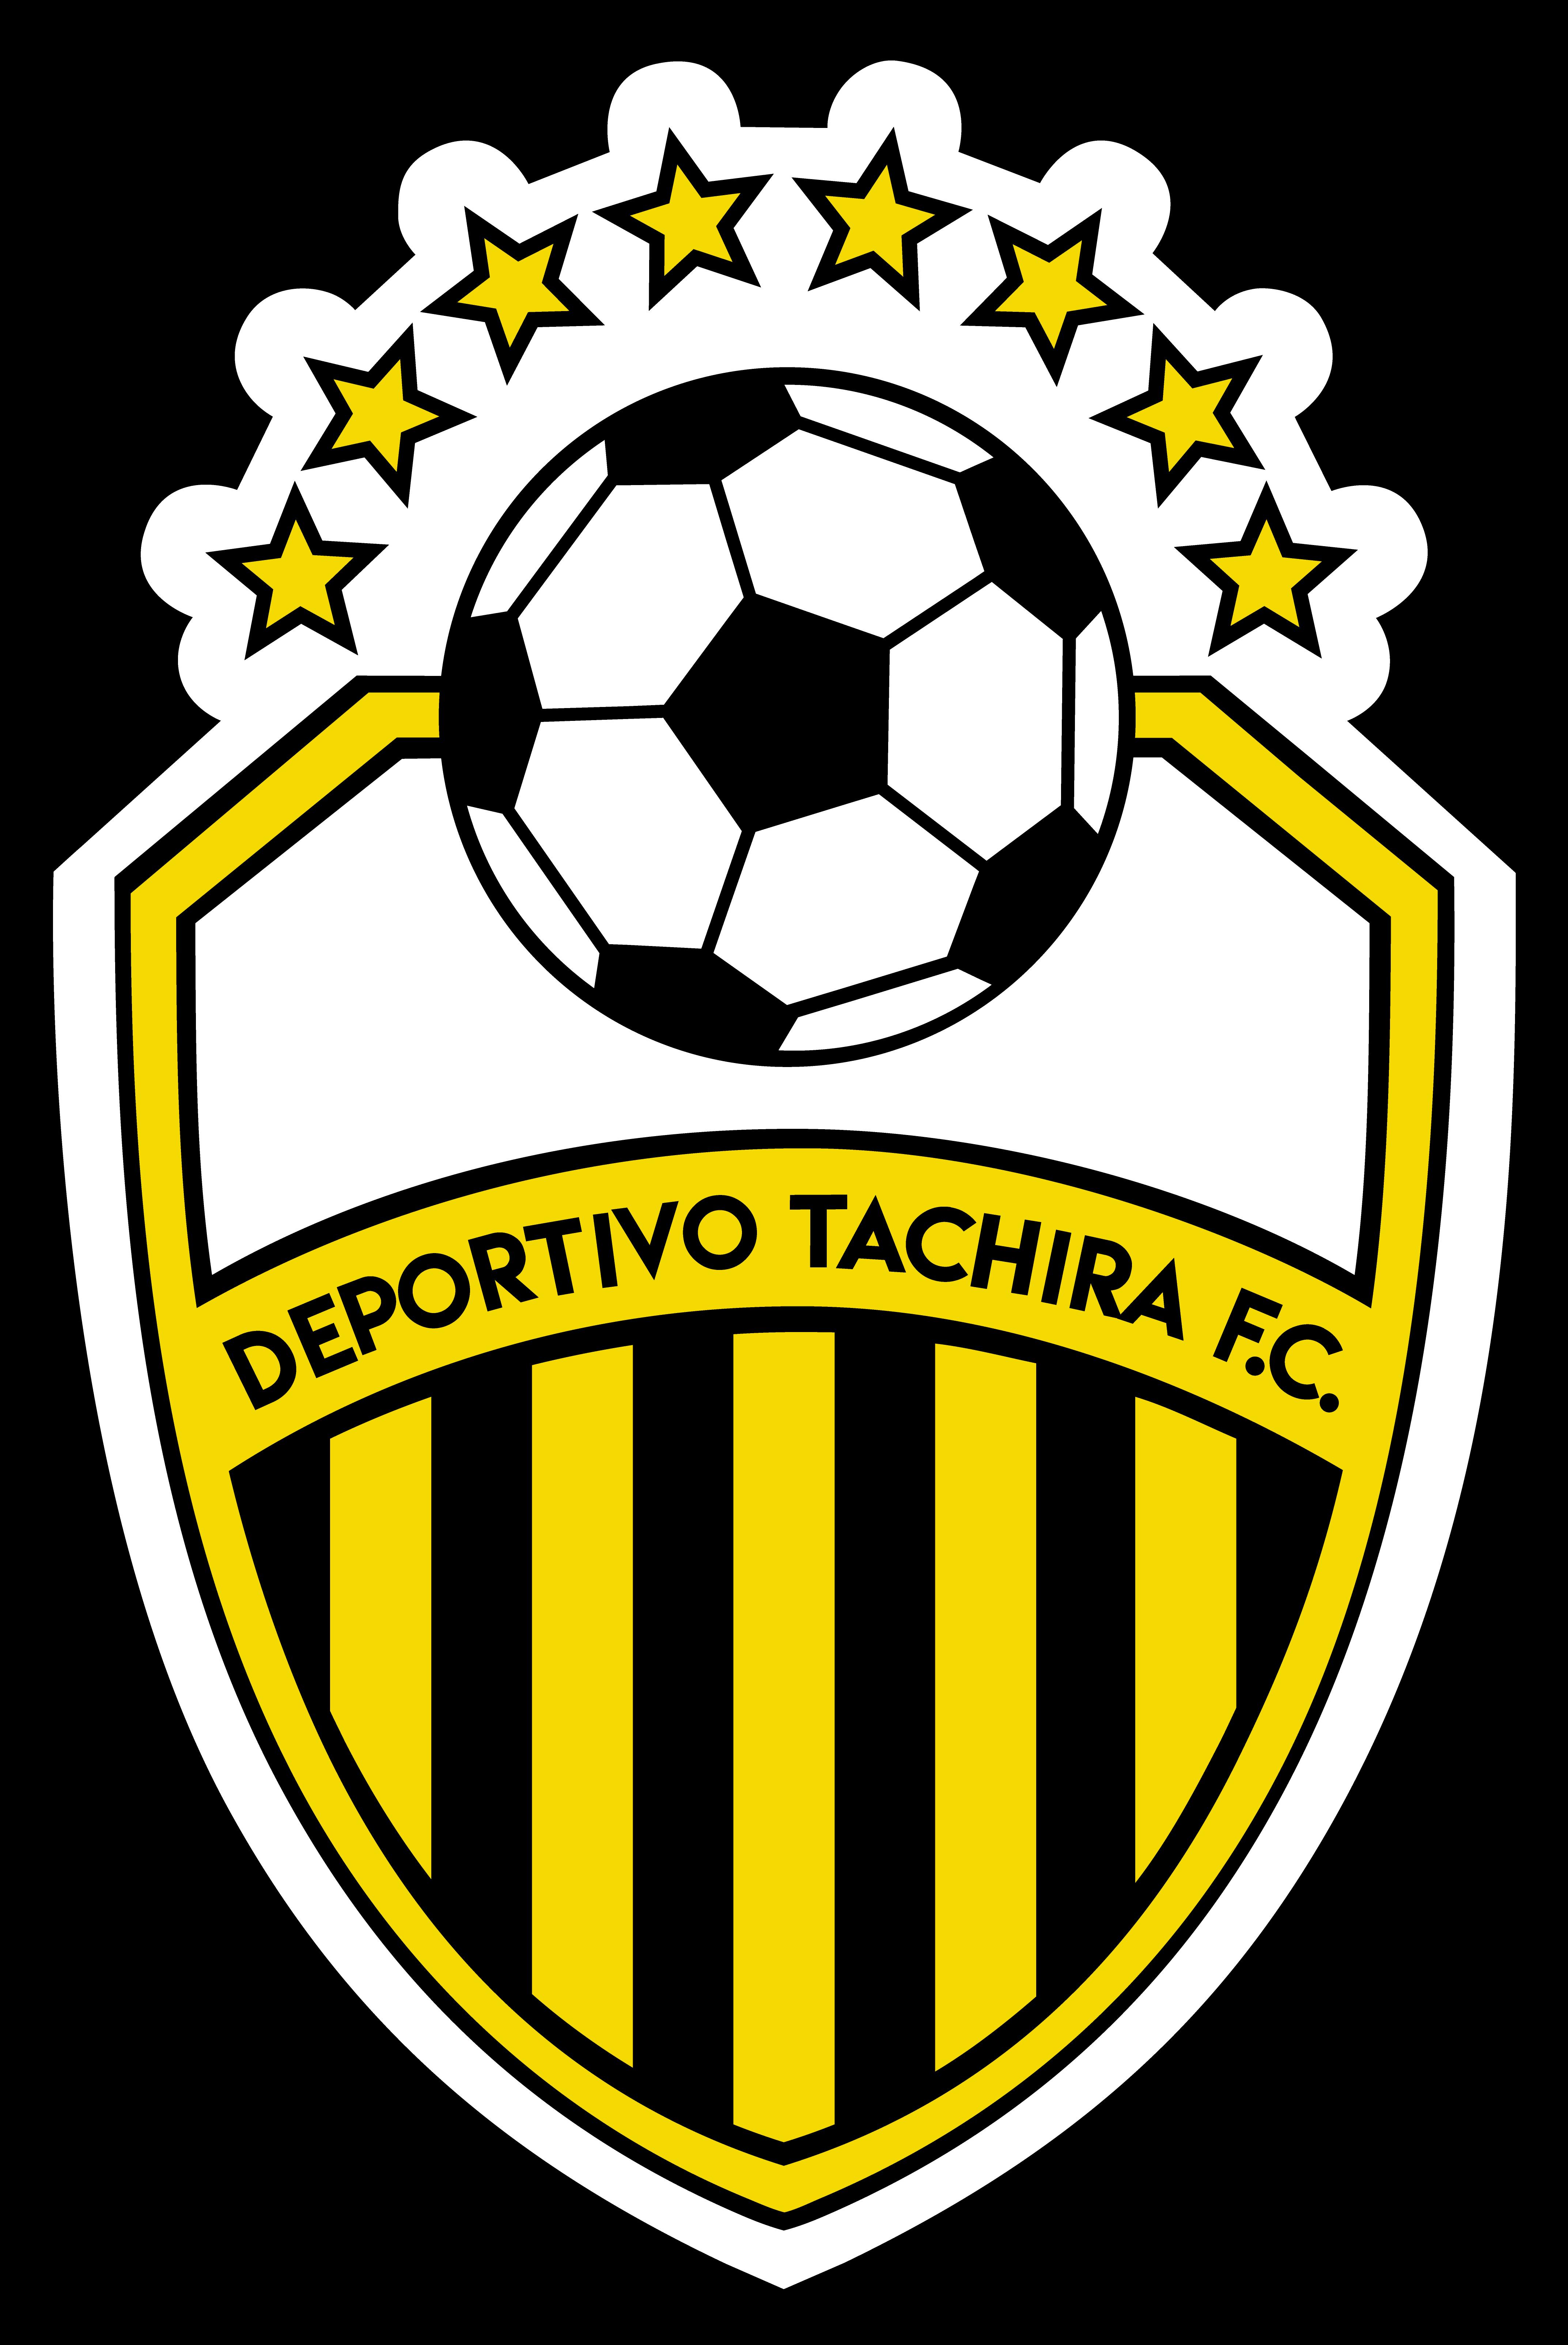 Deportivo Tachira Desain logo